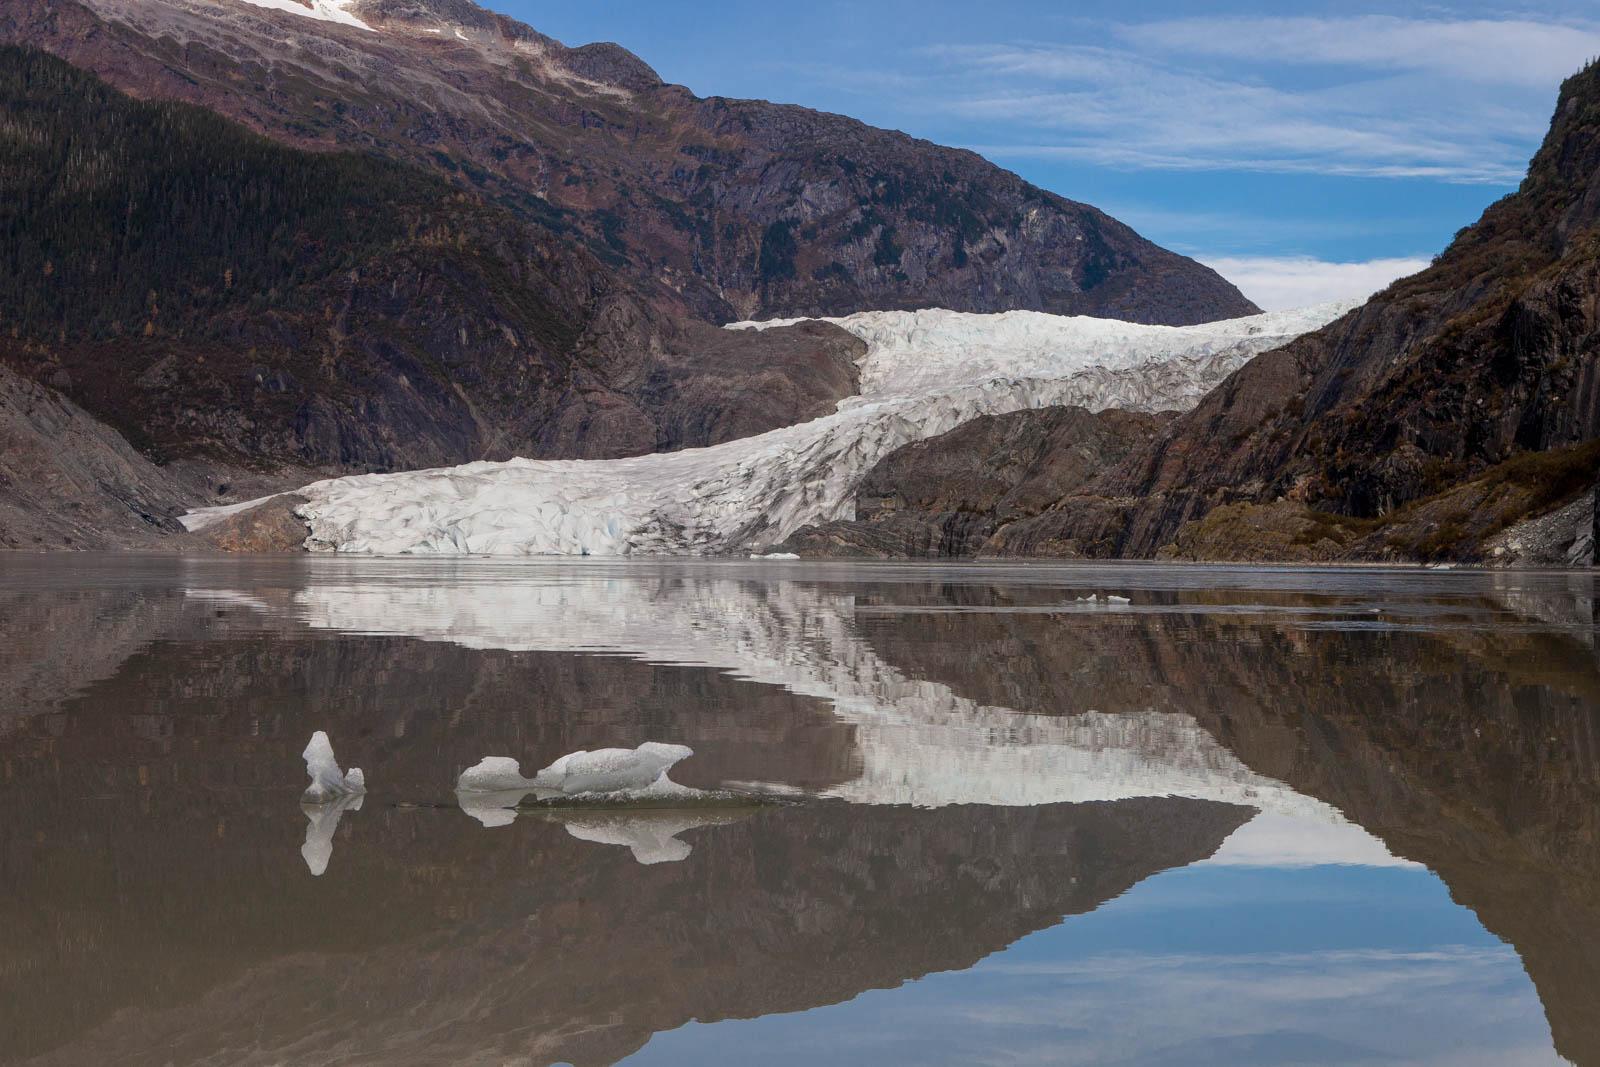 rv-alaska-mendenhall-glacier-1155